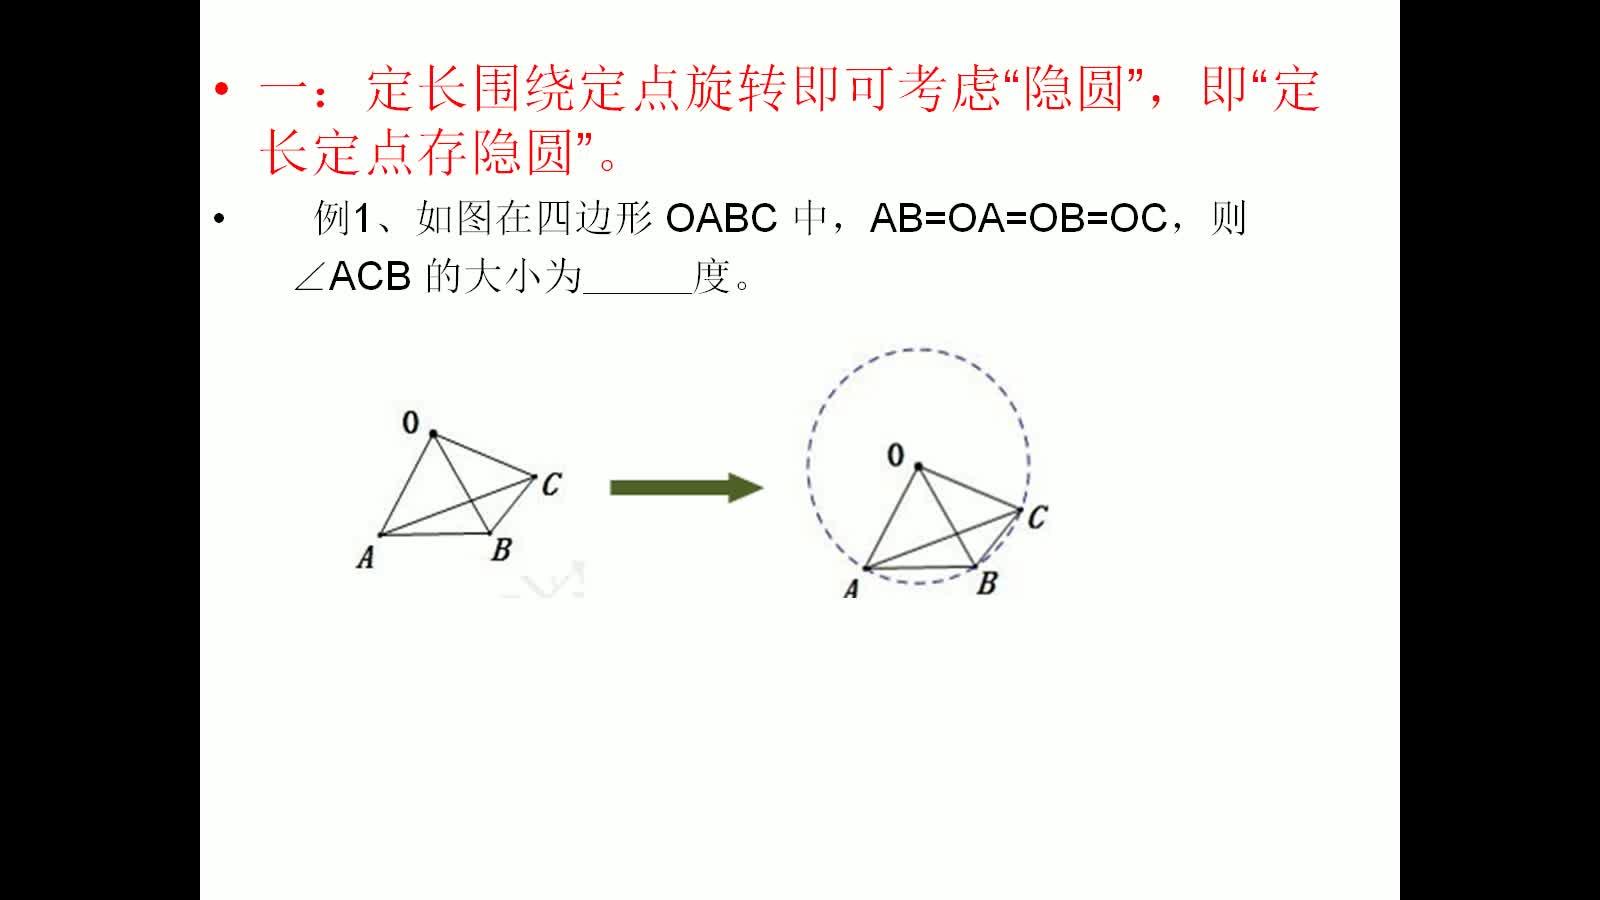 人教版 九年级数学下册《动点轨迹之隐圆问题》-视频微课堂